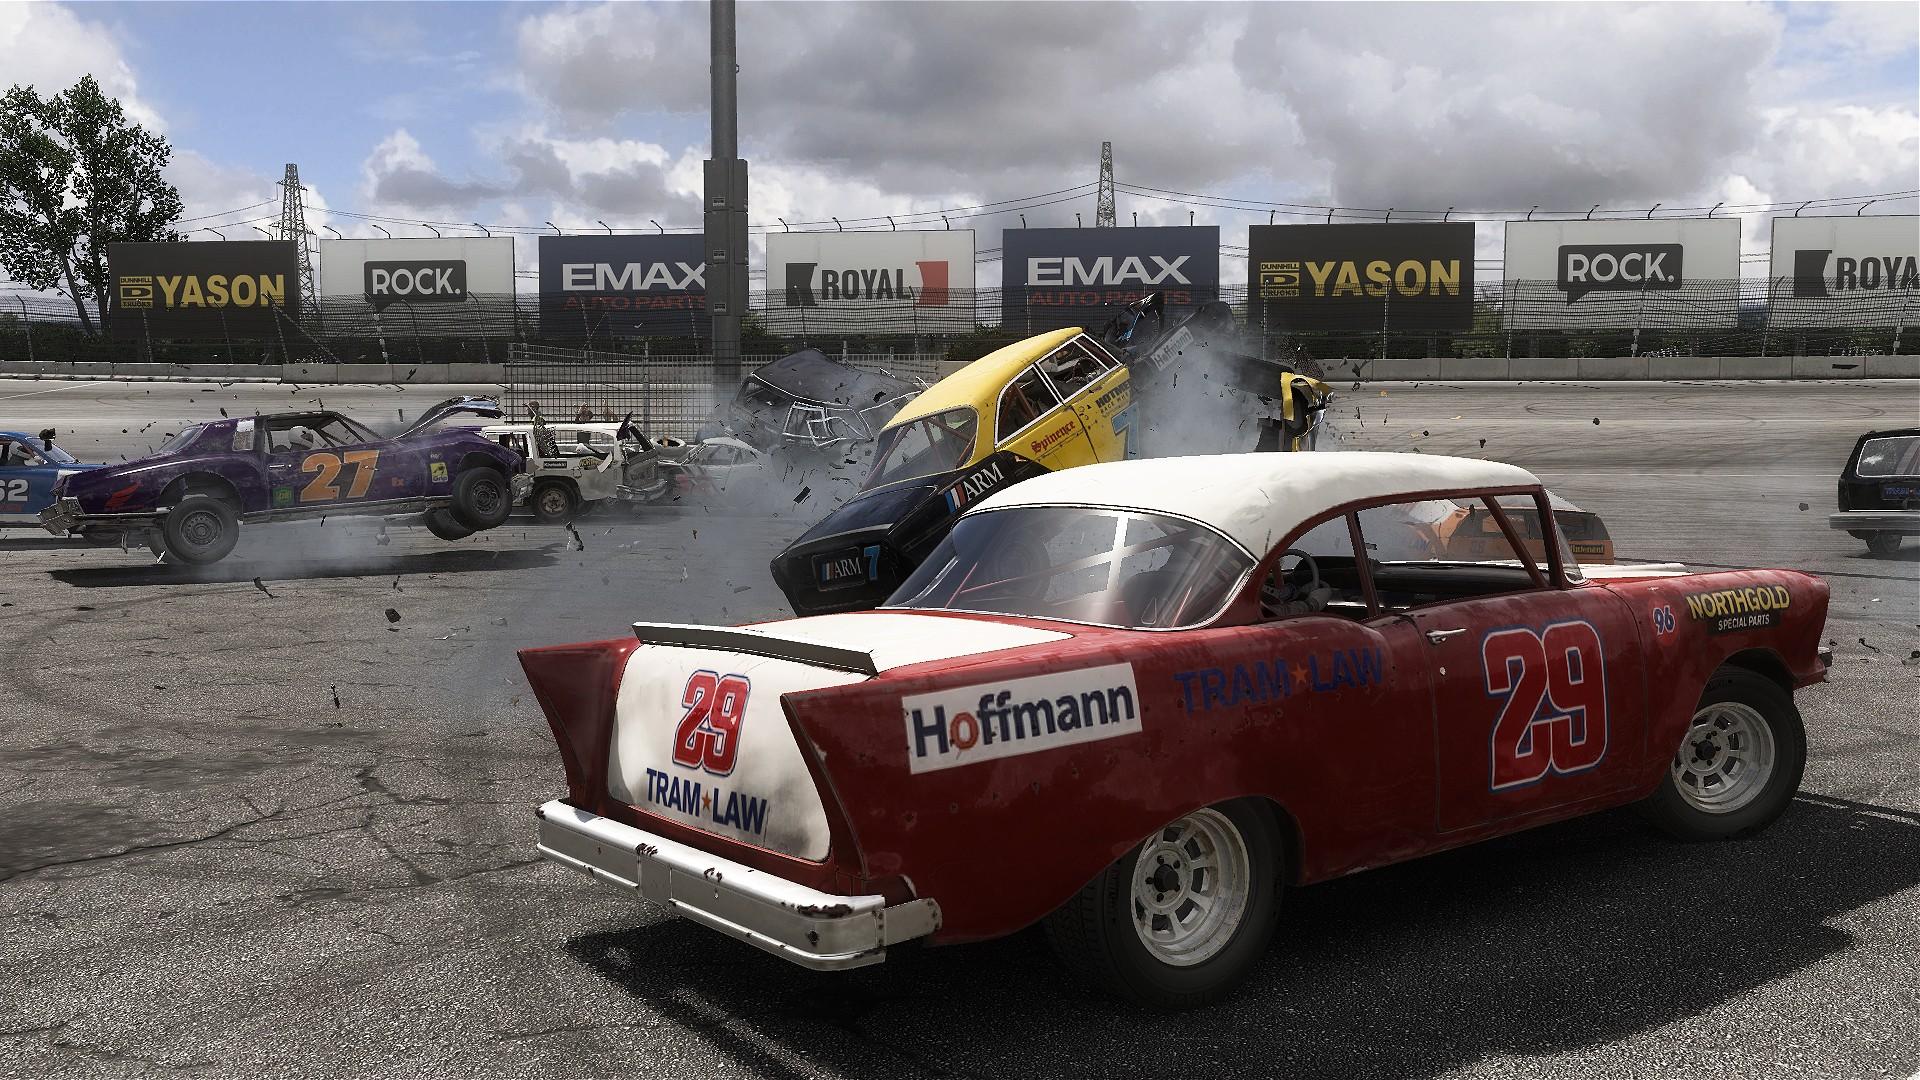 Скриншот №10 к Wreckfest Drive Hard. Die Last.